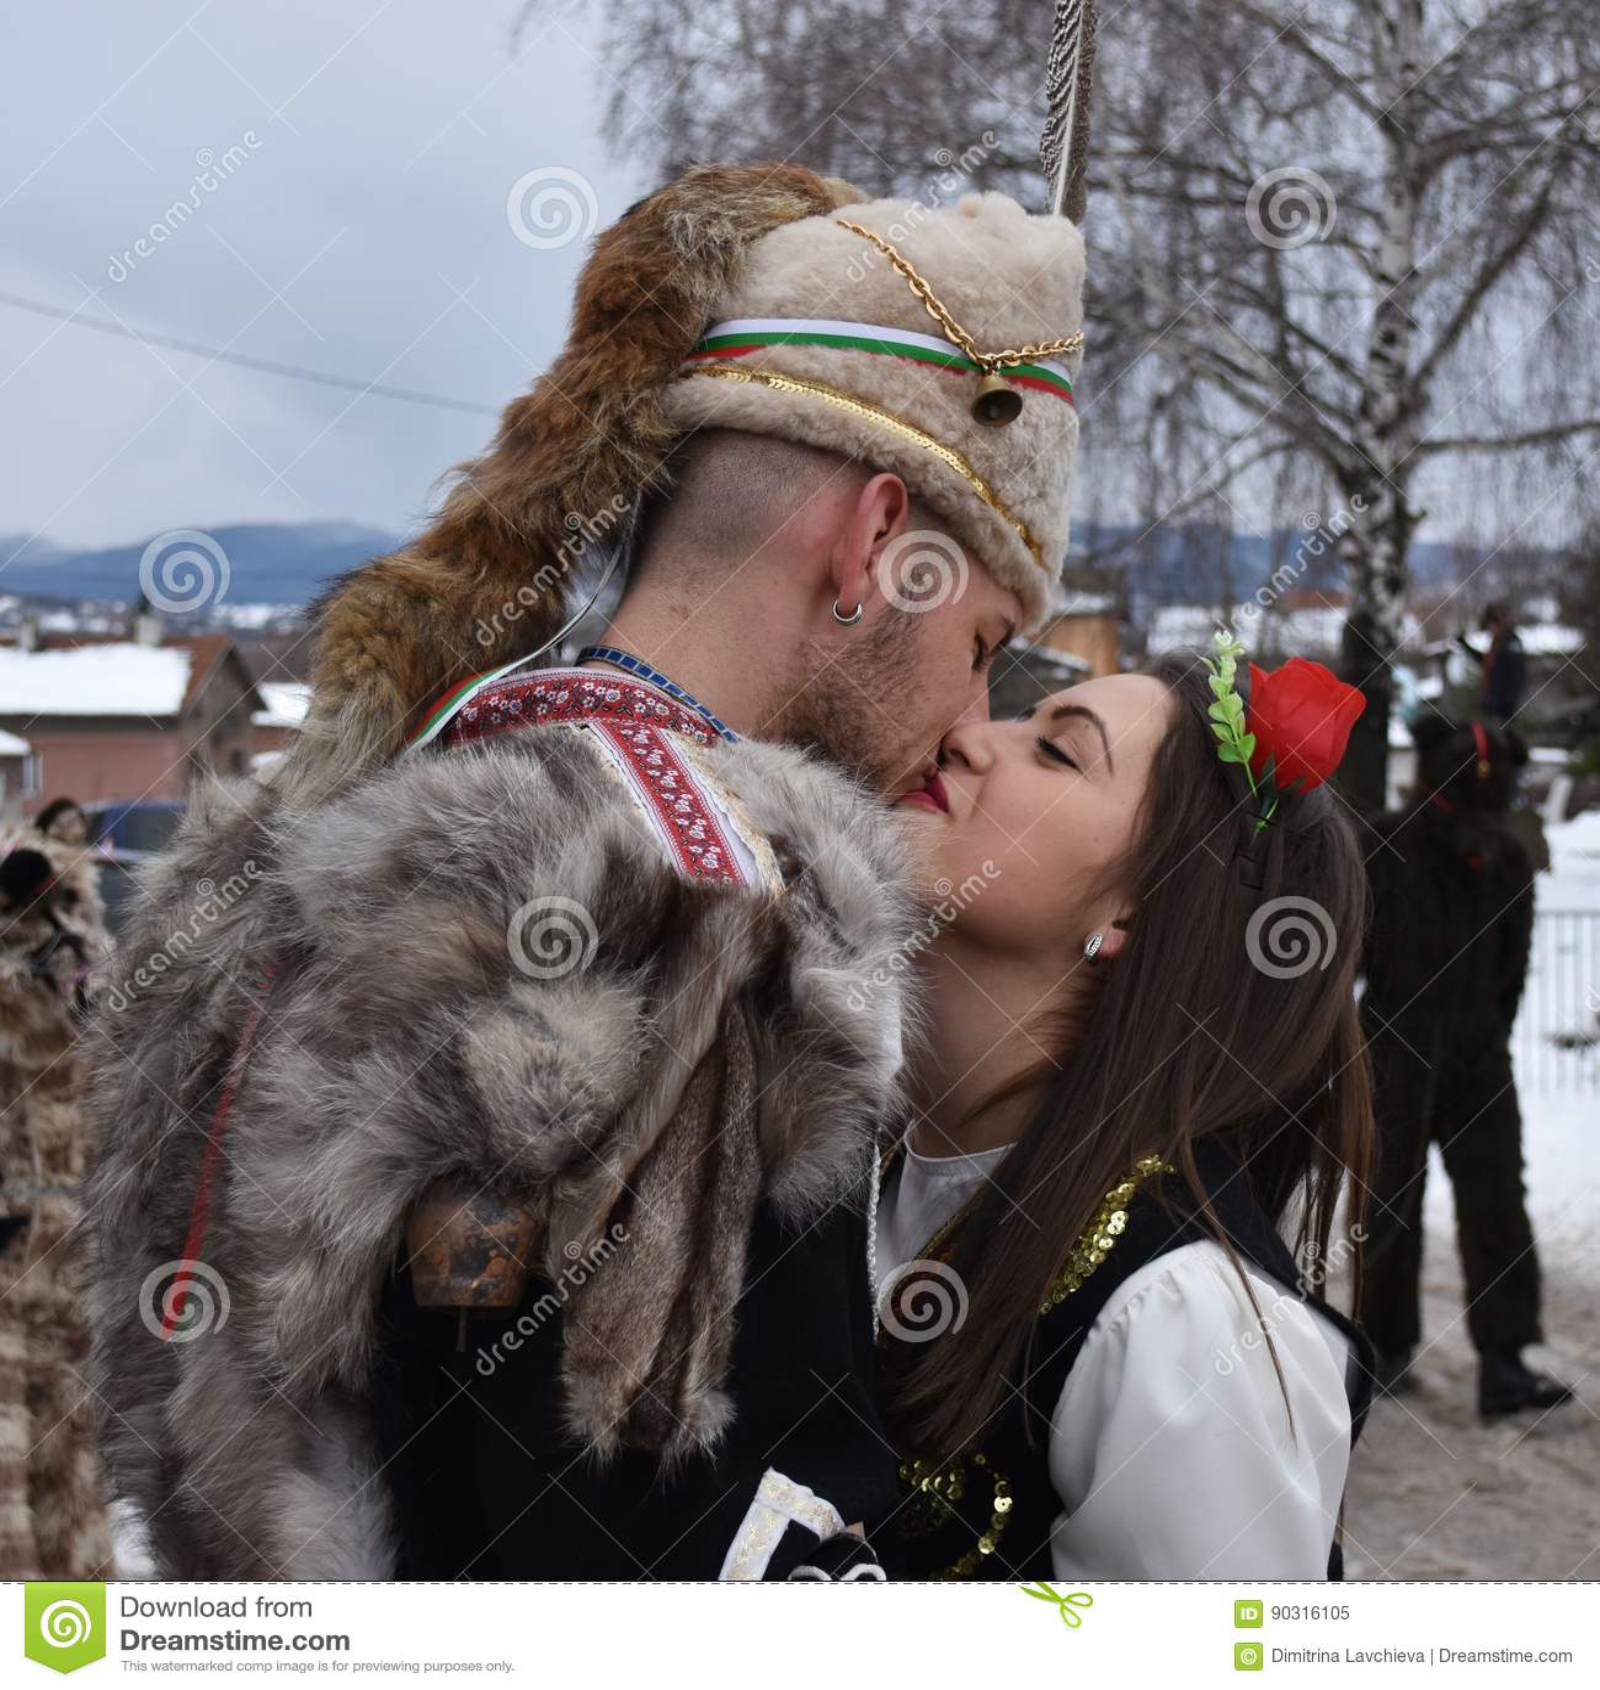 Yardzhilovtsi, Bulgarie - 14 janvier 2017   Jeunes couples dans des costumes  folkloriques bulgares embrassant sur la rue pendant le festival de Surva 8f72185f981